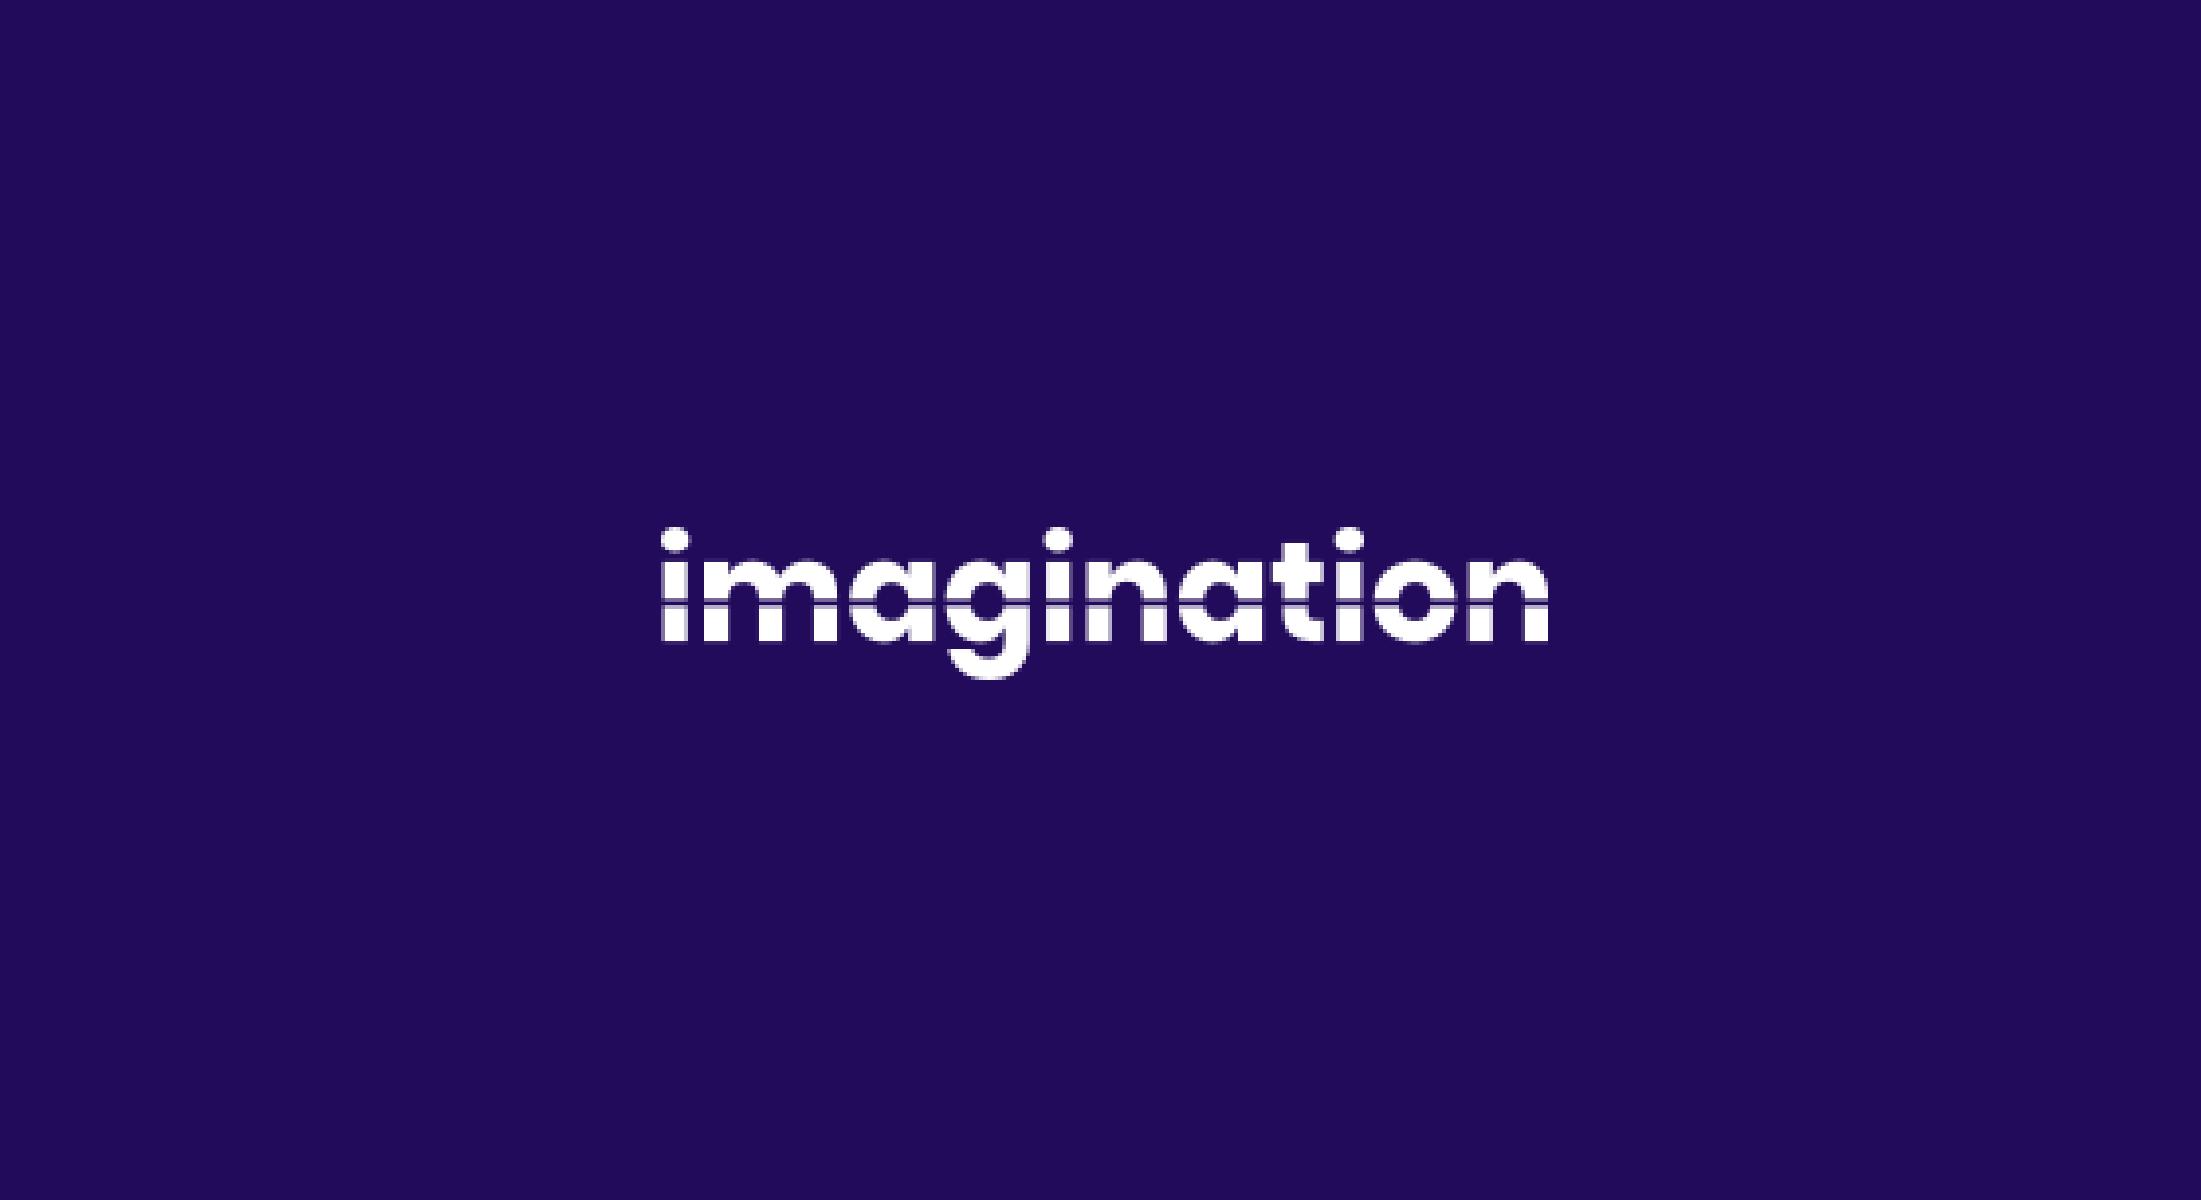 ingenuity/2020-09-09-nbpfk1ukevhhuep-5ifLuYQQ5-imagination.png